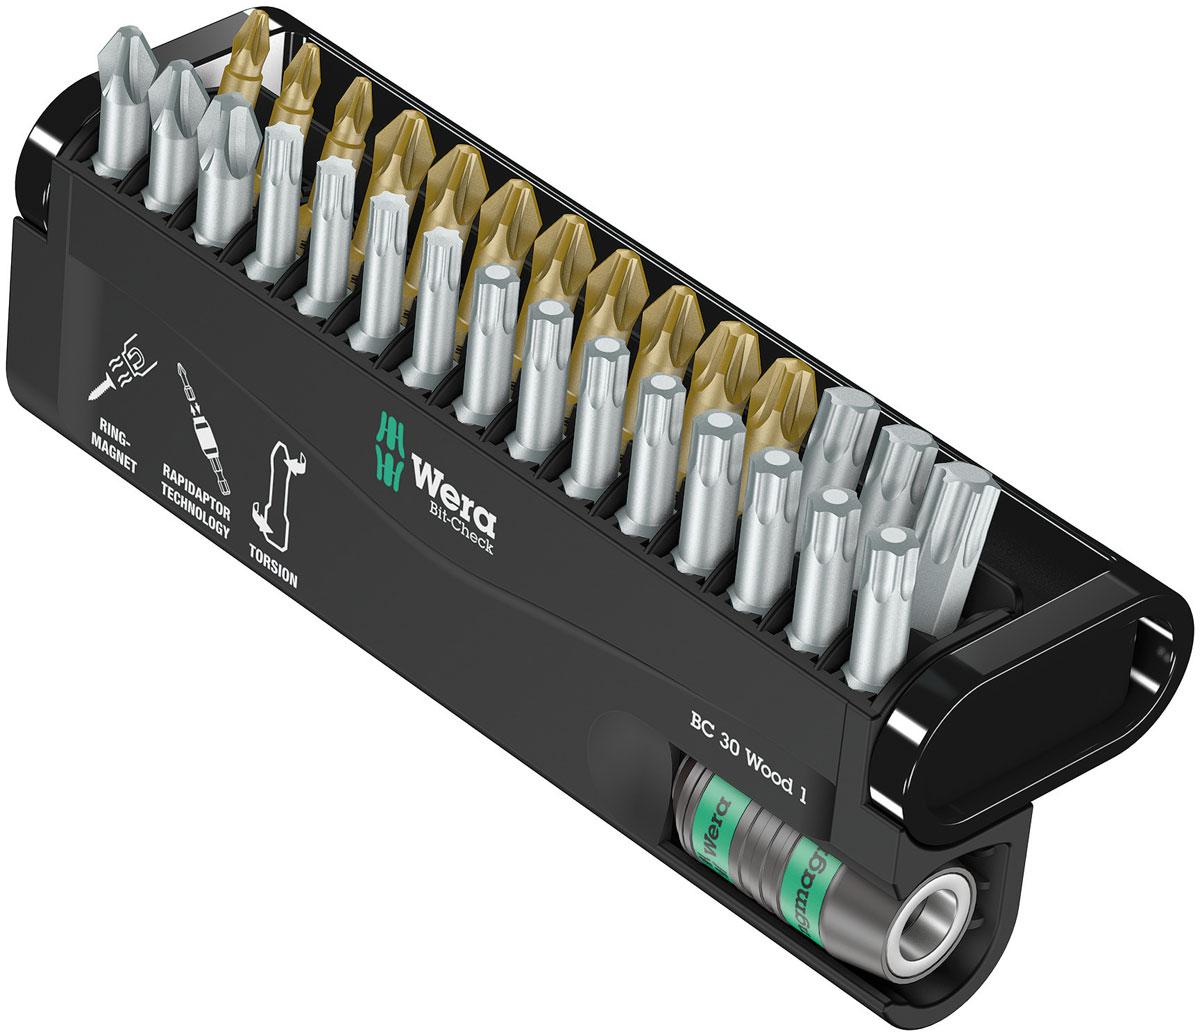 TX 25 x 25 mm 867//1 Z SB Inserti TORX